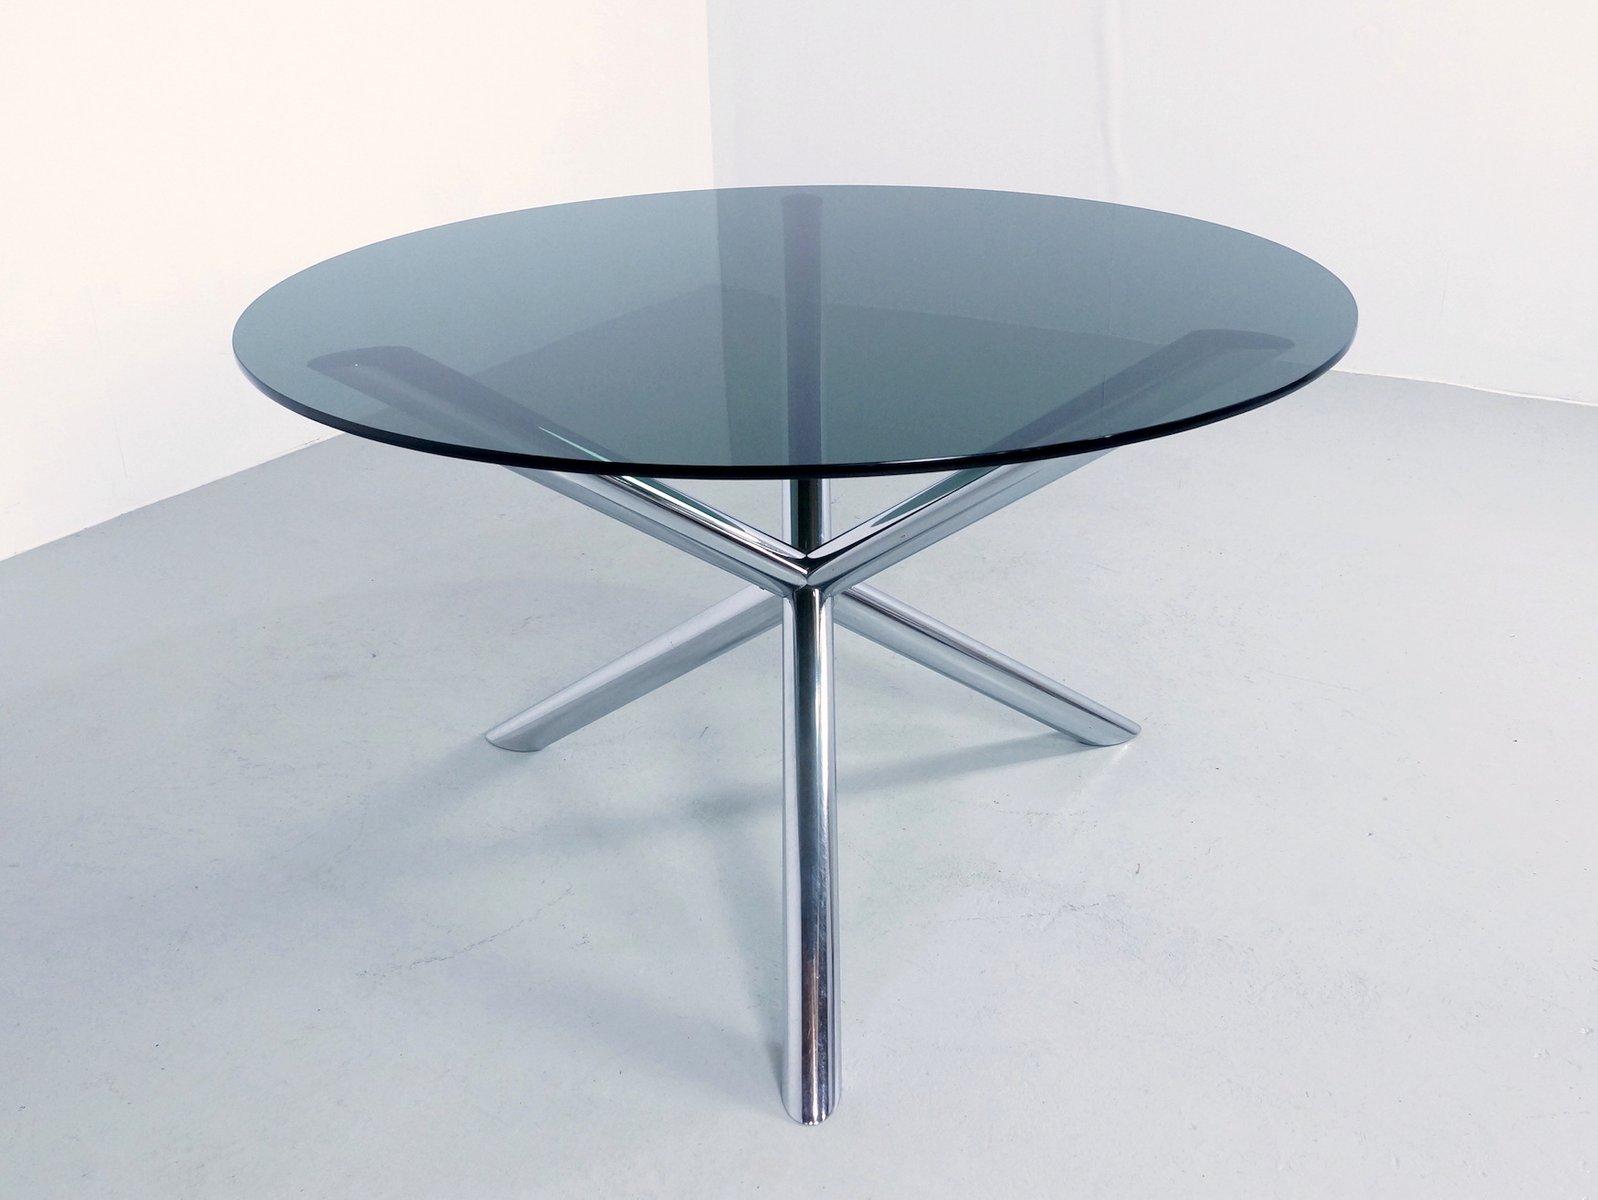 Table de salon en chrome et en verre fum par roche bobois 1970s en vente sur pamono - Roche bobois table en verre ...